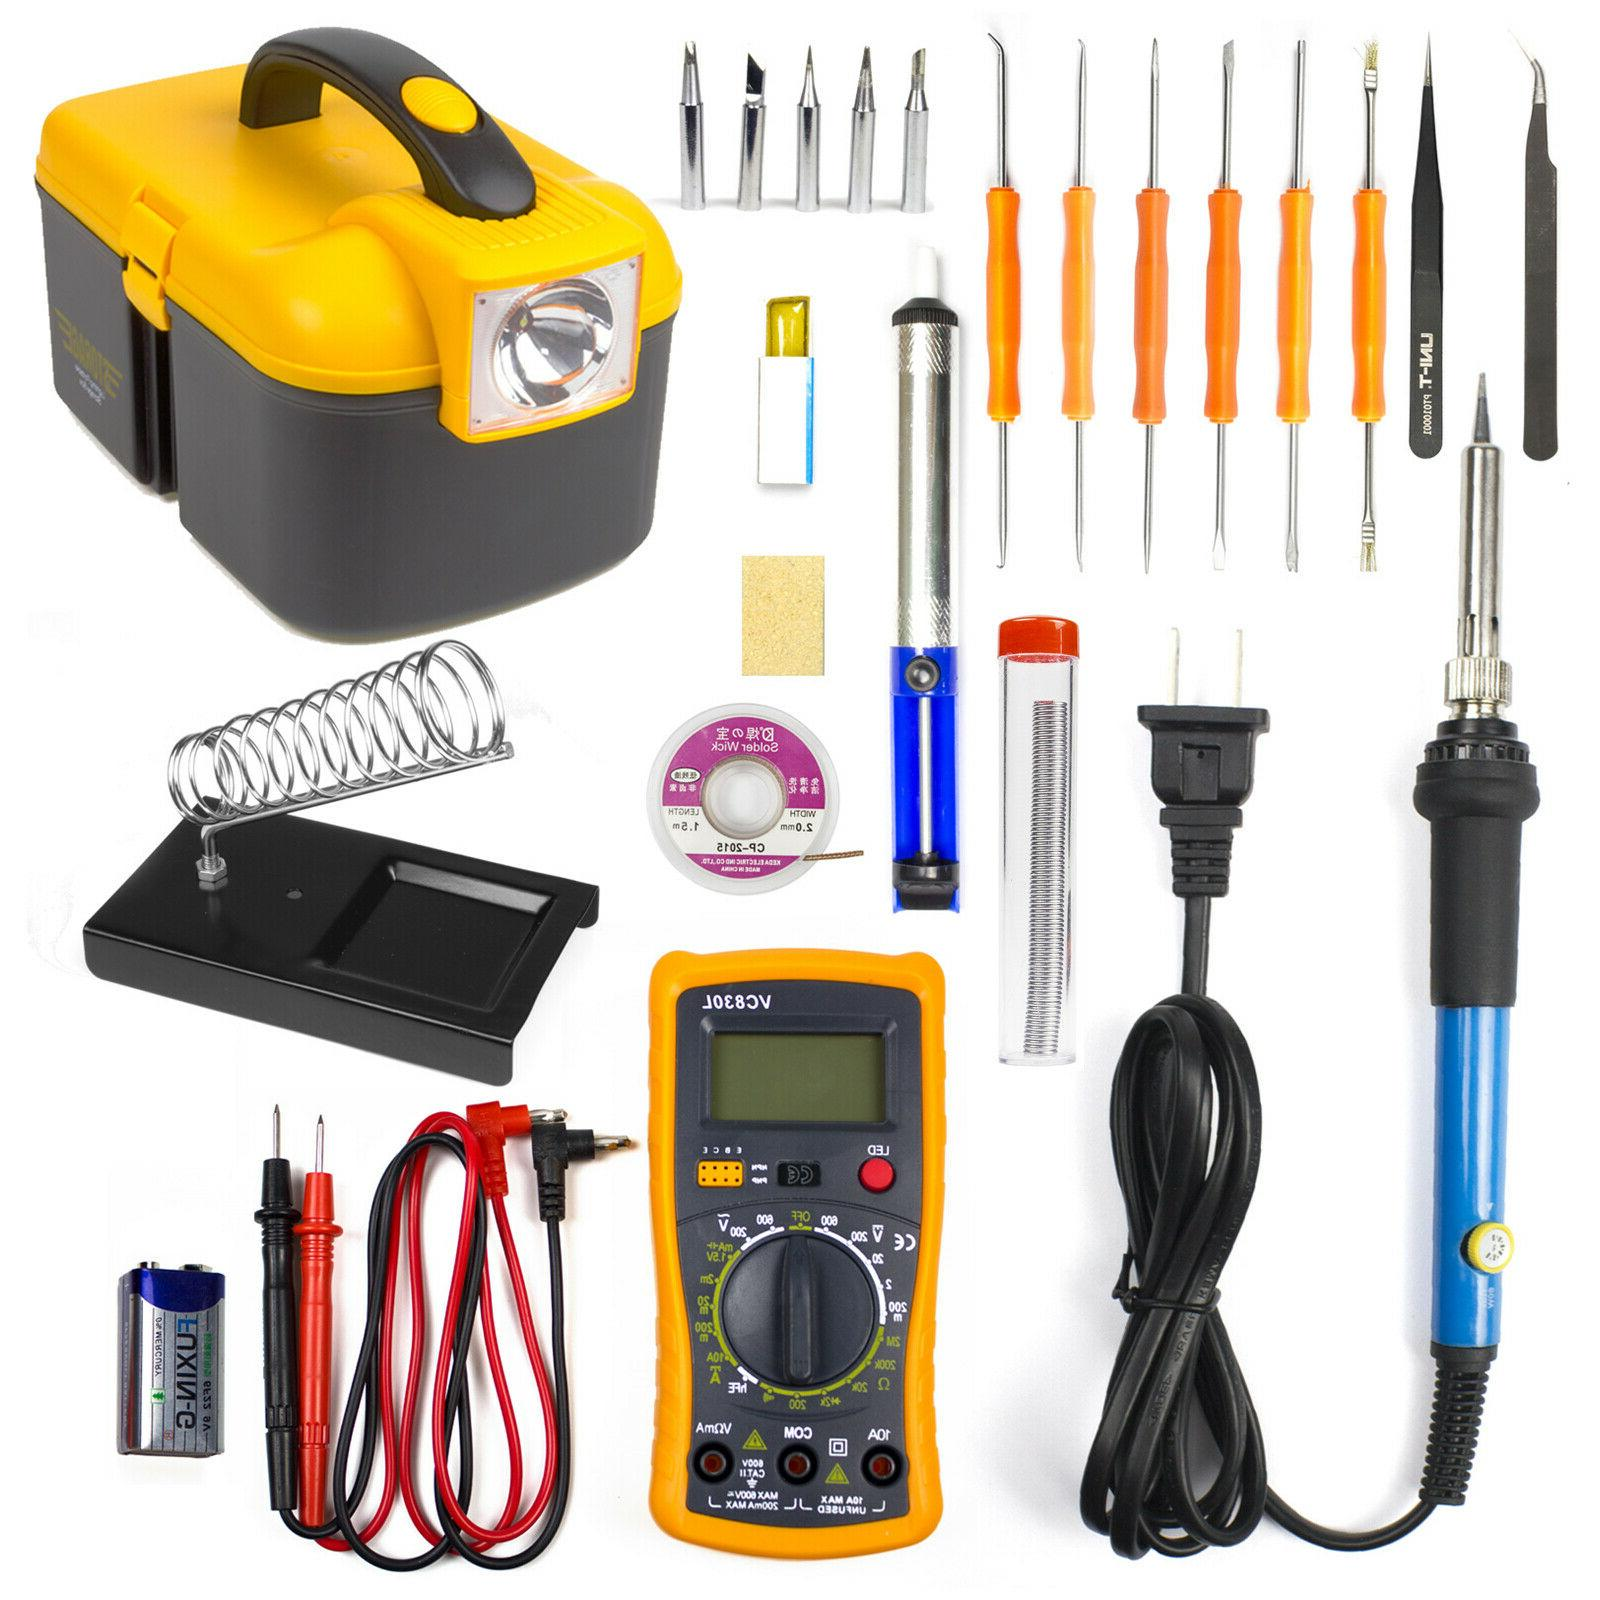 electronic soldering iron gun tool kit 60w